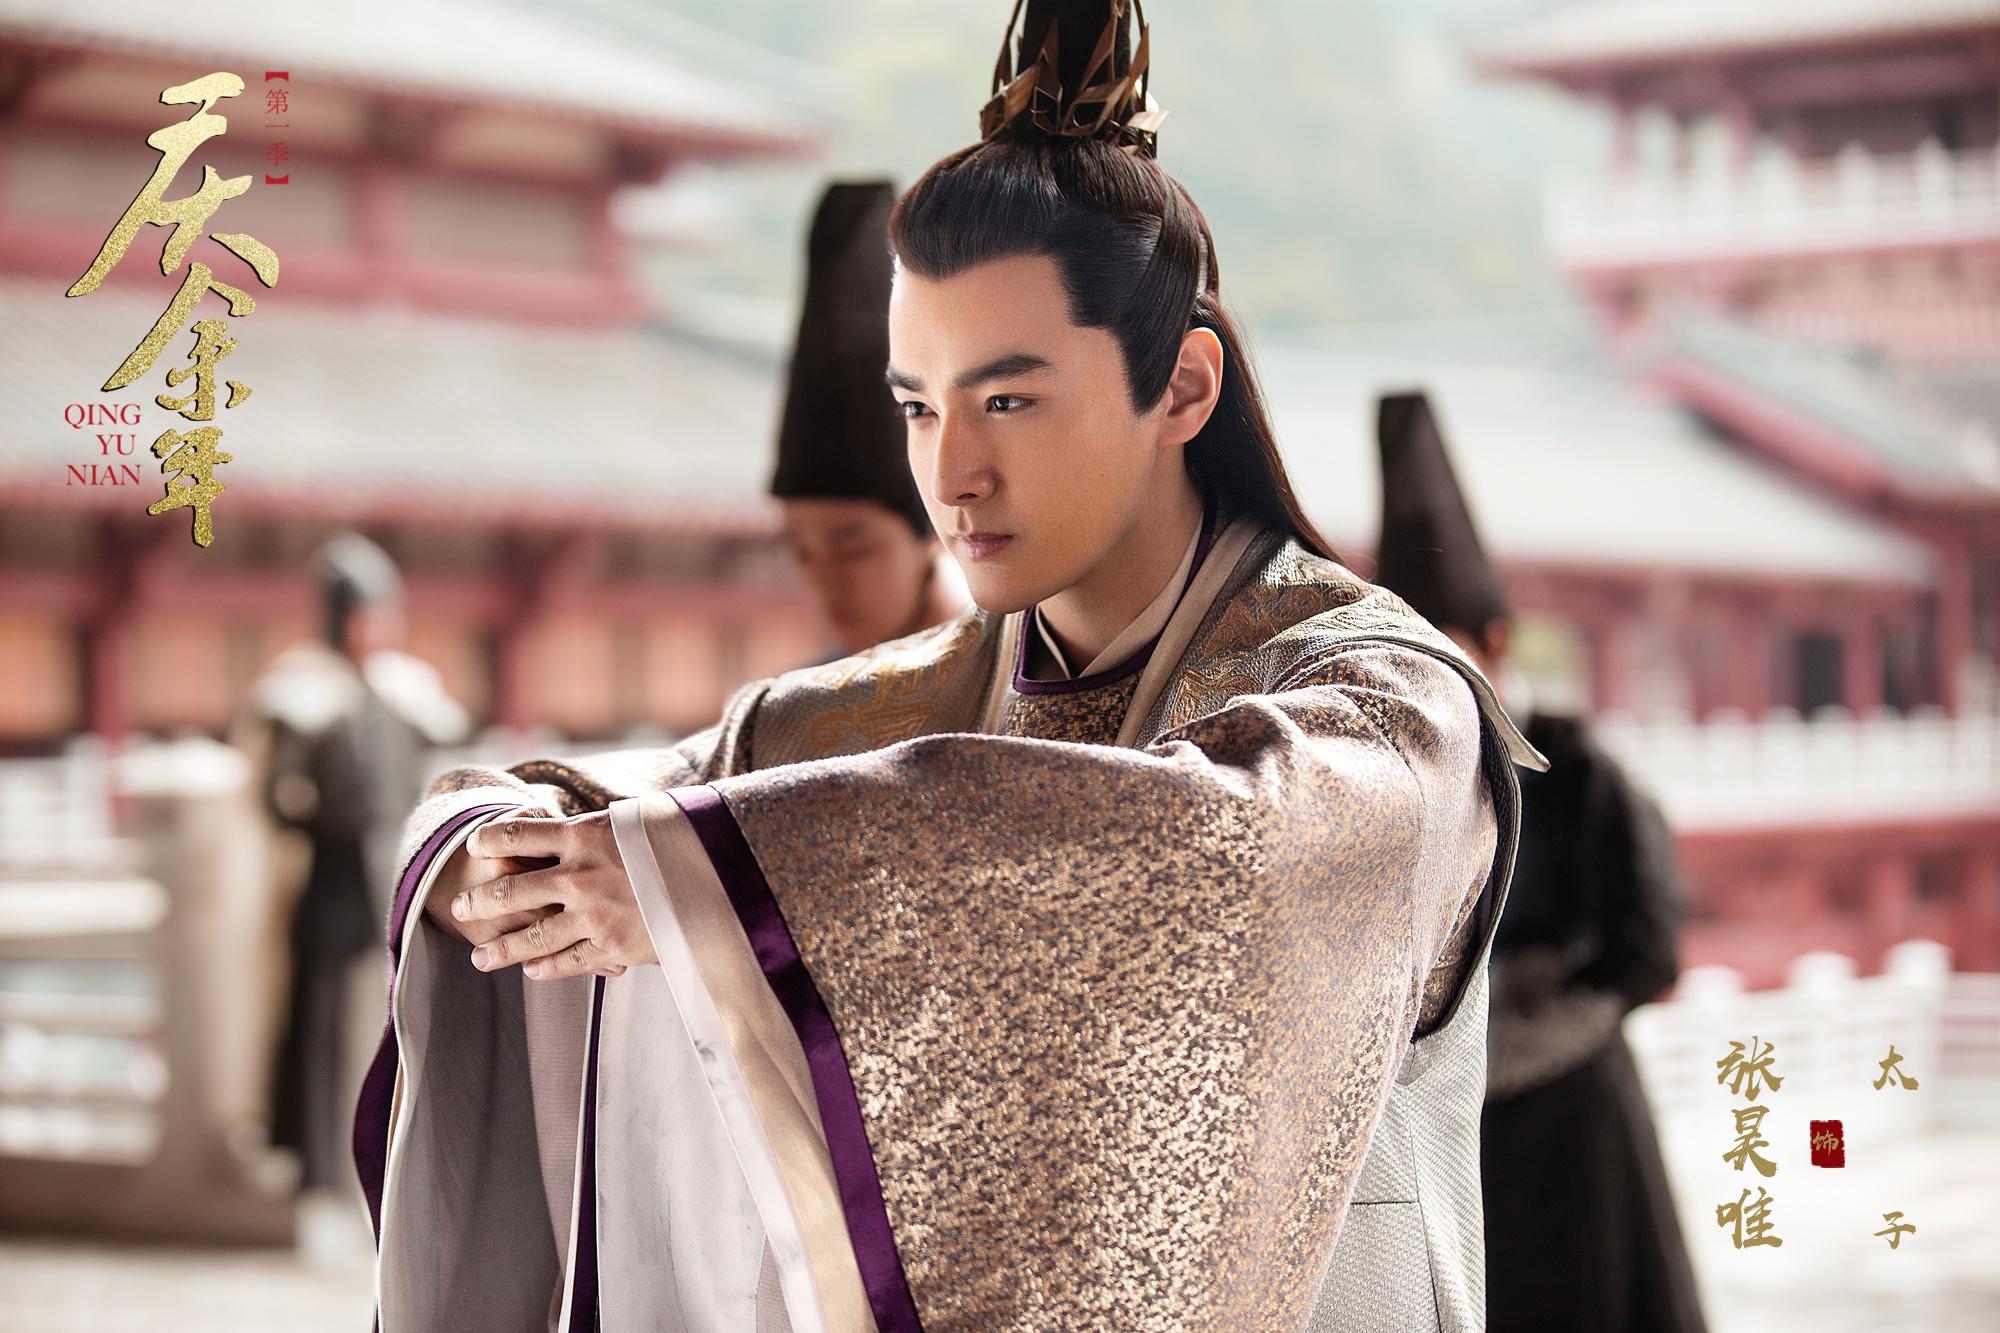 王耀庆的新角色,堪称国产剧里的极品渣男